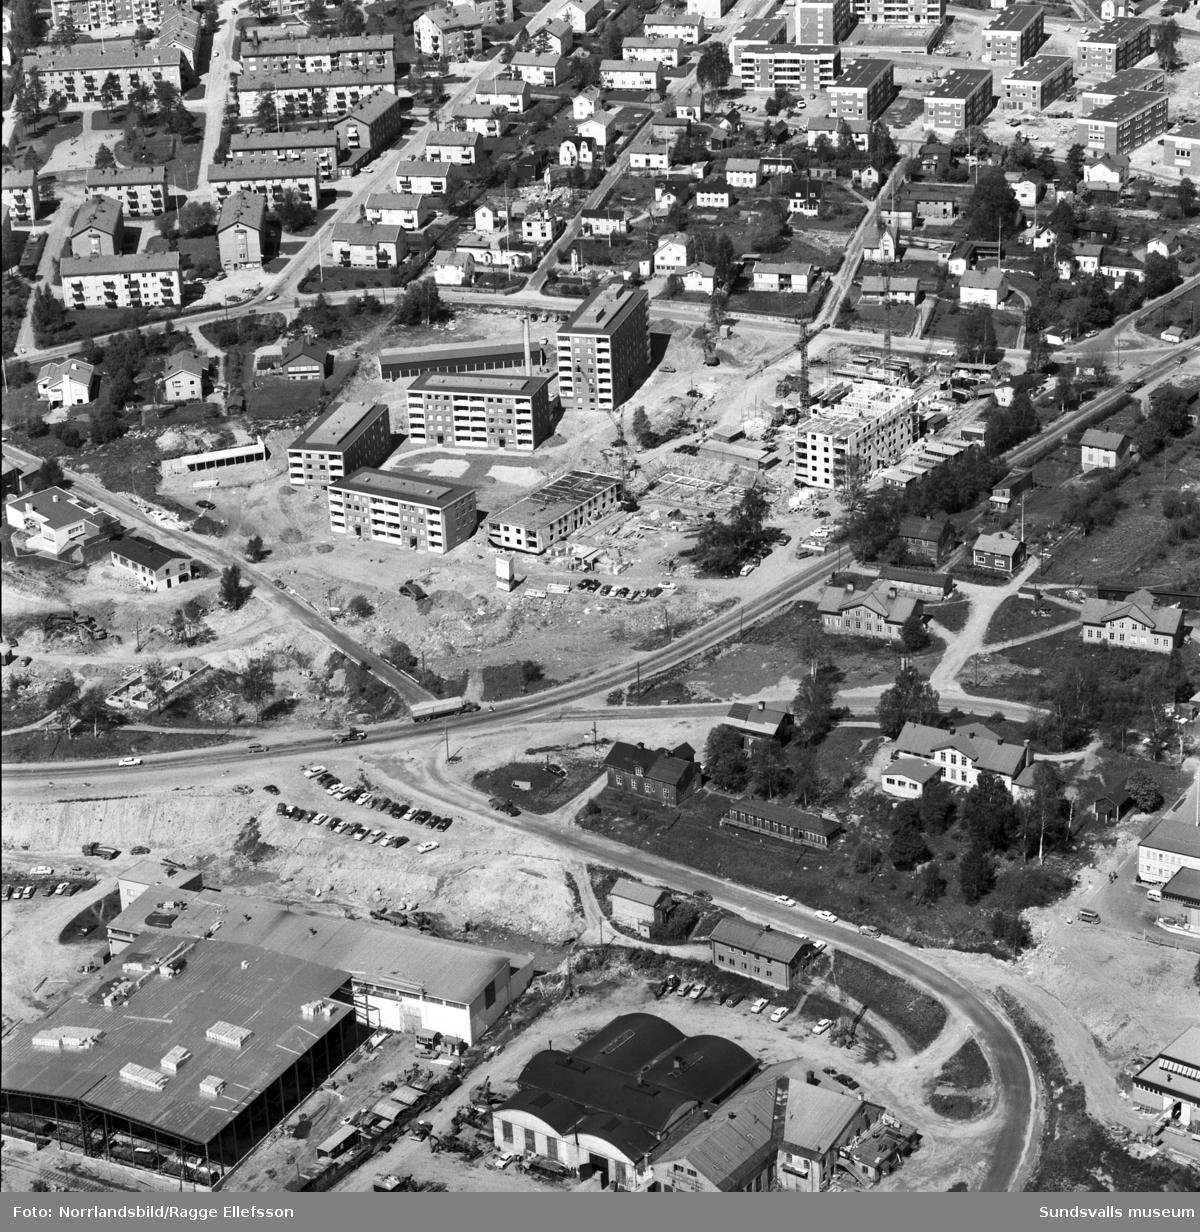 Flygfoto över västra Skönsberg och Heffners med bygget av flerfamiljshusen vid Trafikgatan, Basgränd, Skönsbergsvägen. I överkanten syns även de nya husen vid Riddargatan och däremellan finns gammal villabebyggelse ännu kvar.